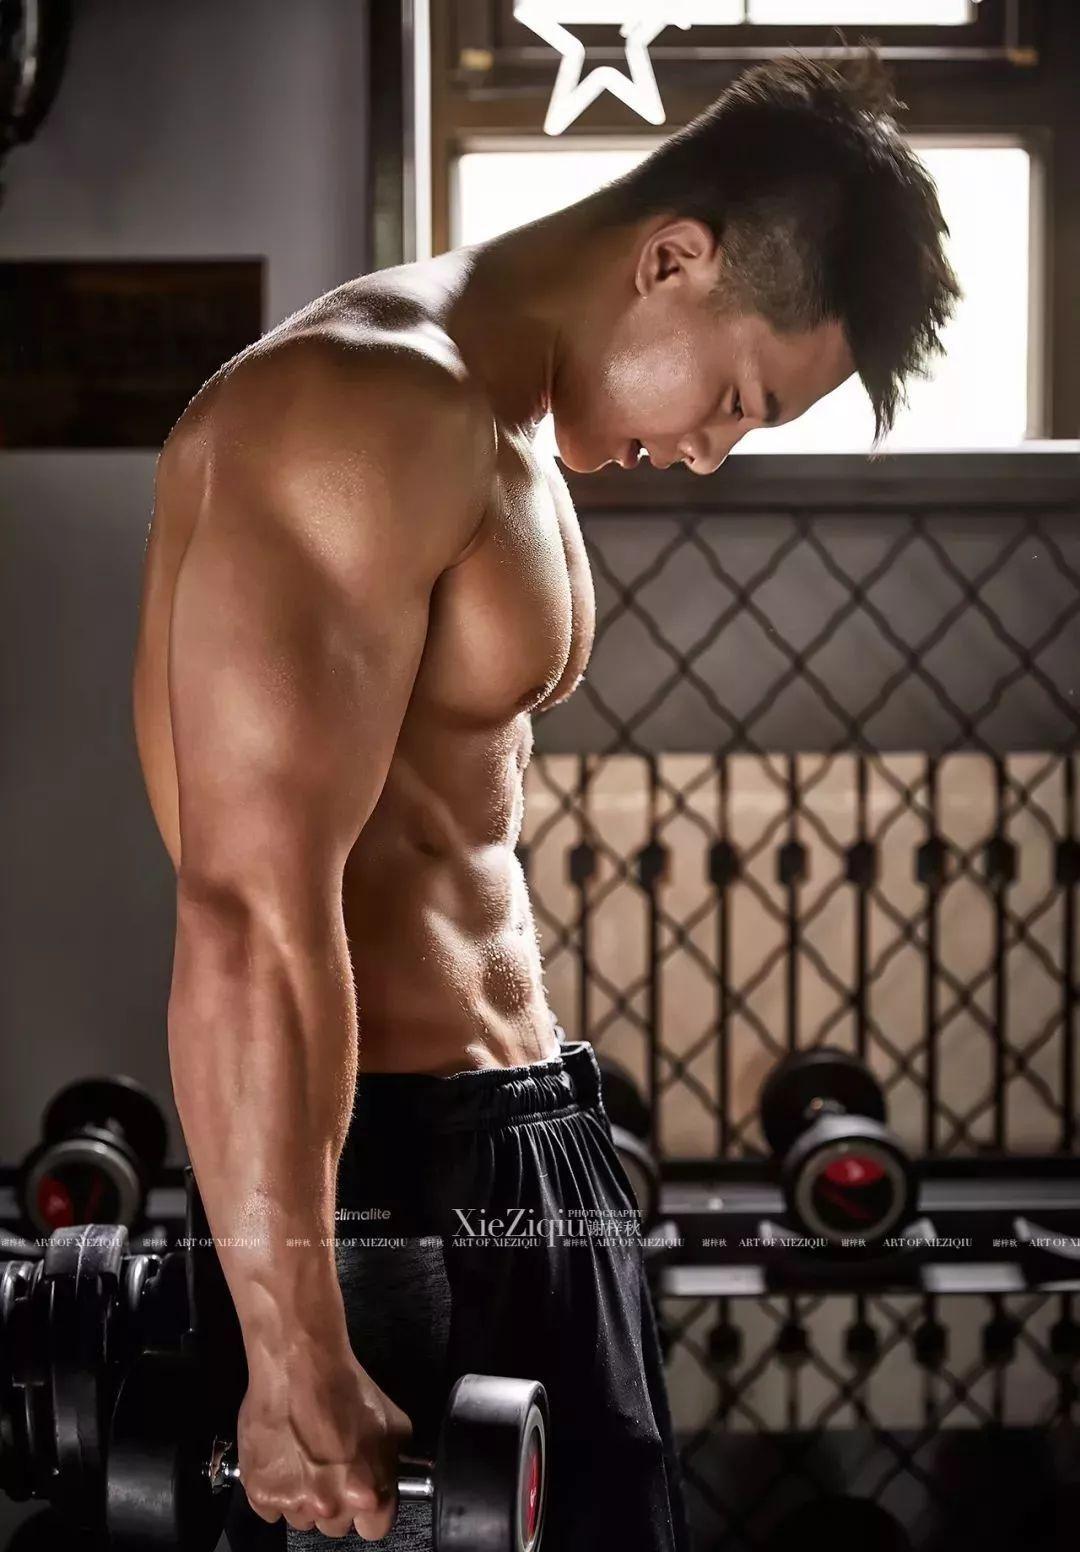 """五十度灰""""半裸""""属于亚洲人的肌肉大片,我的三观被颠覆了,视觉冲击震撼下的性感!"""